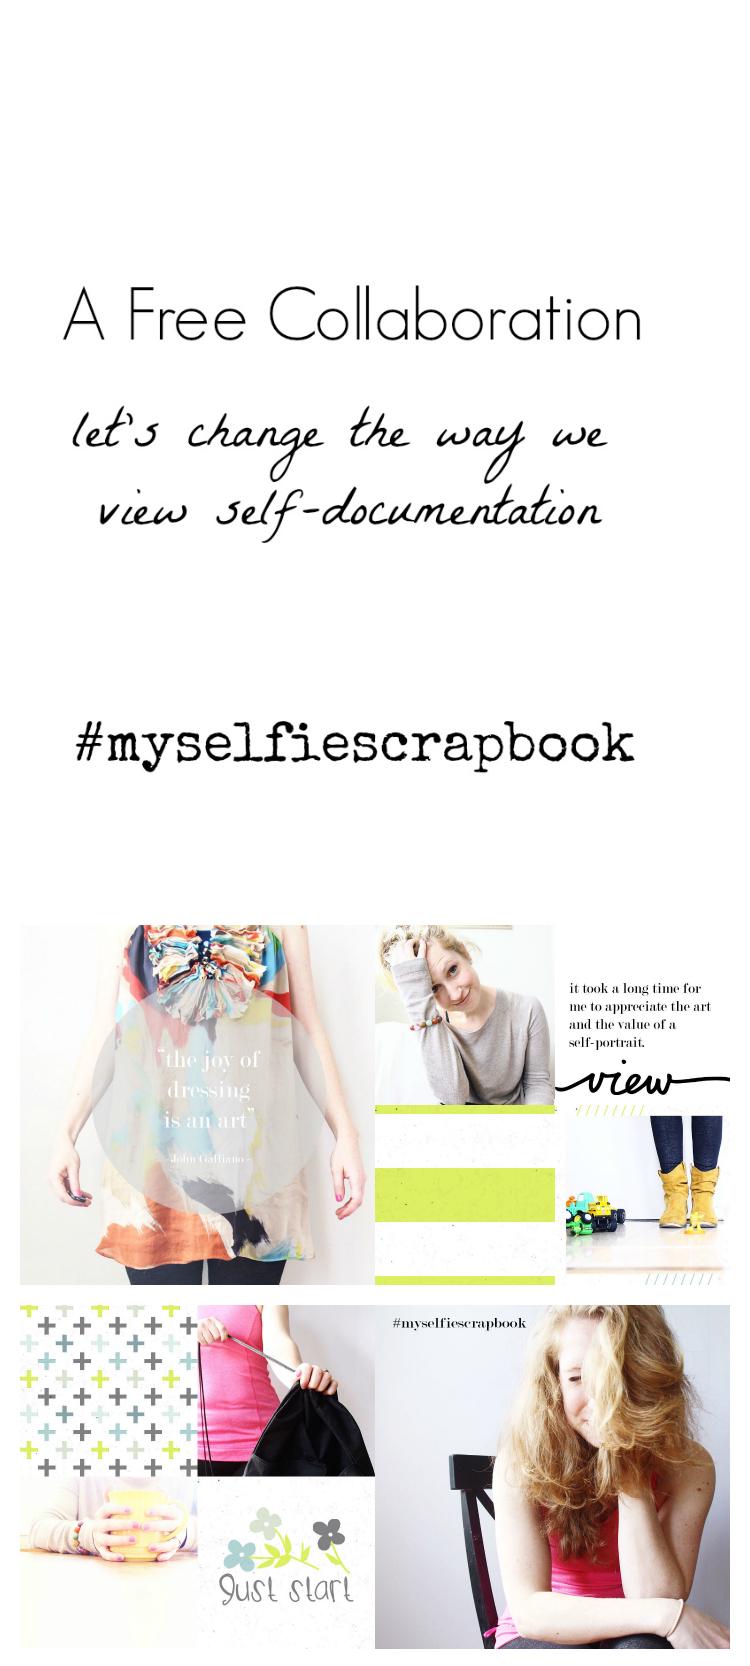 My selfie scrapbook Intro